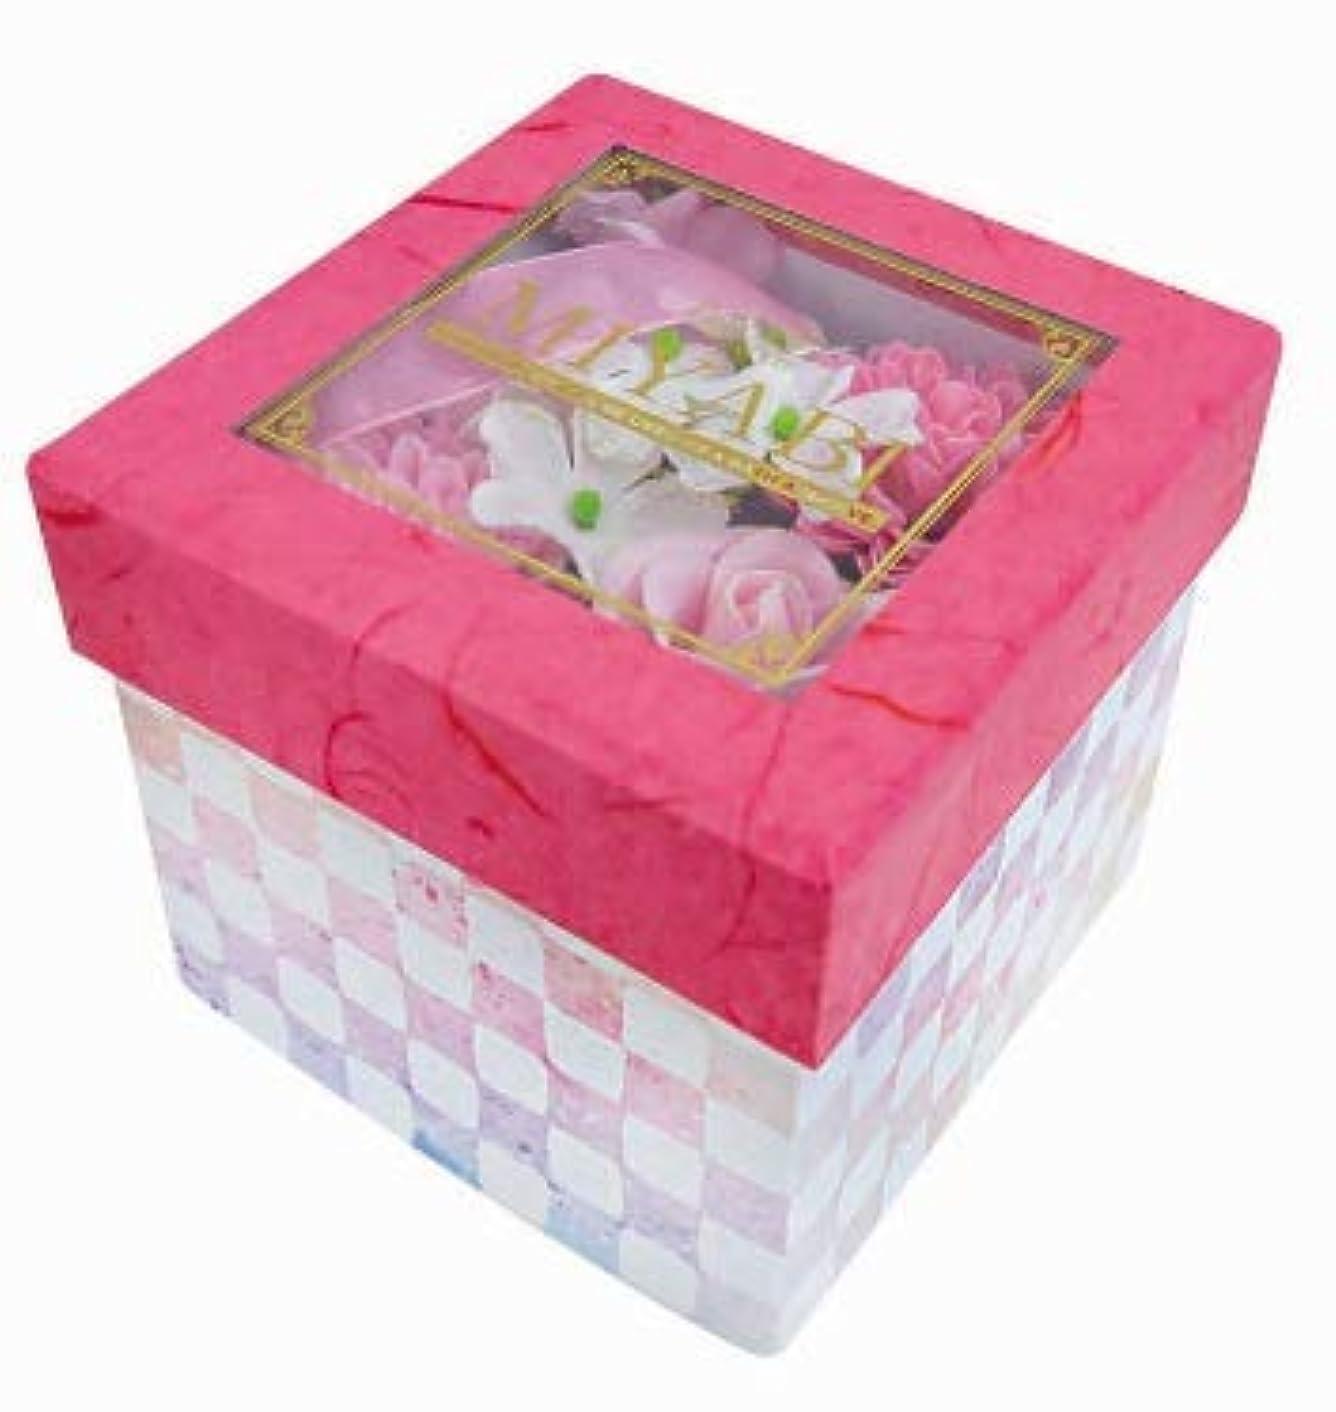 効能ある疑い者老朽化した花のカタチの入浴剤 和バスフレBOX-MIYABI-M恋 775581